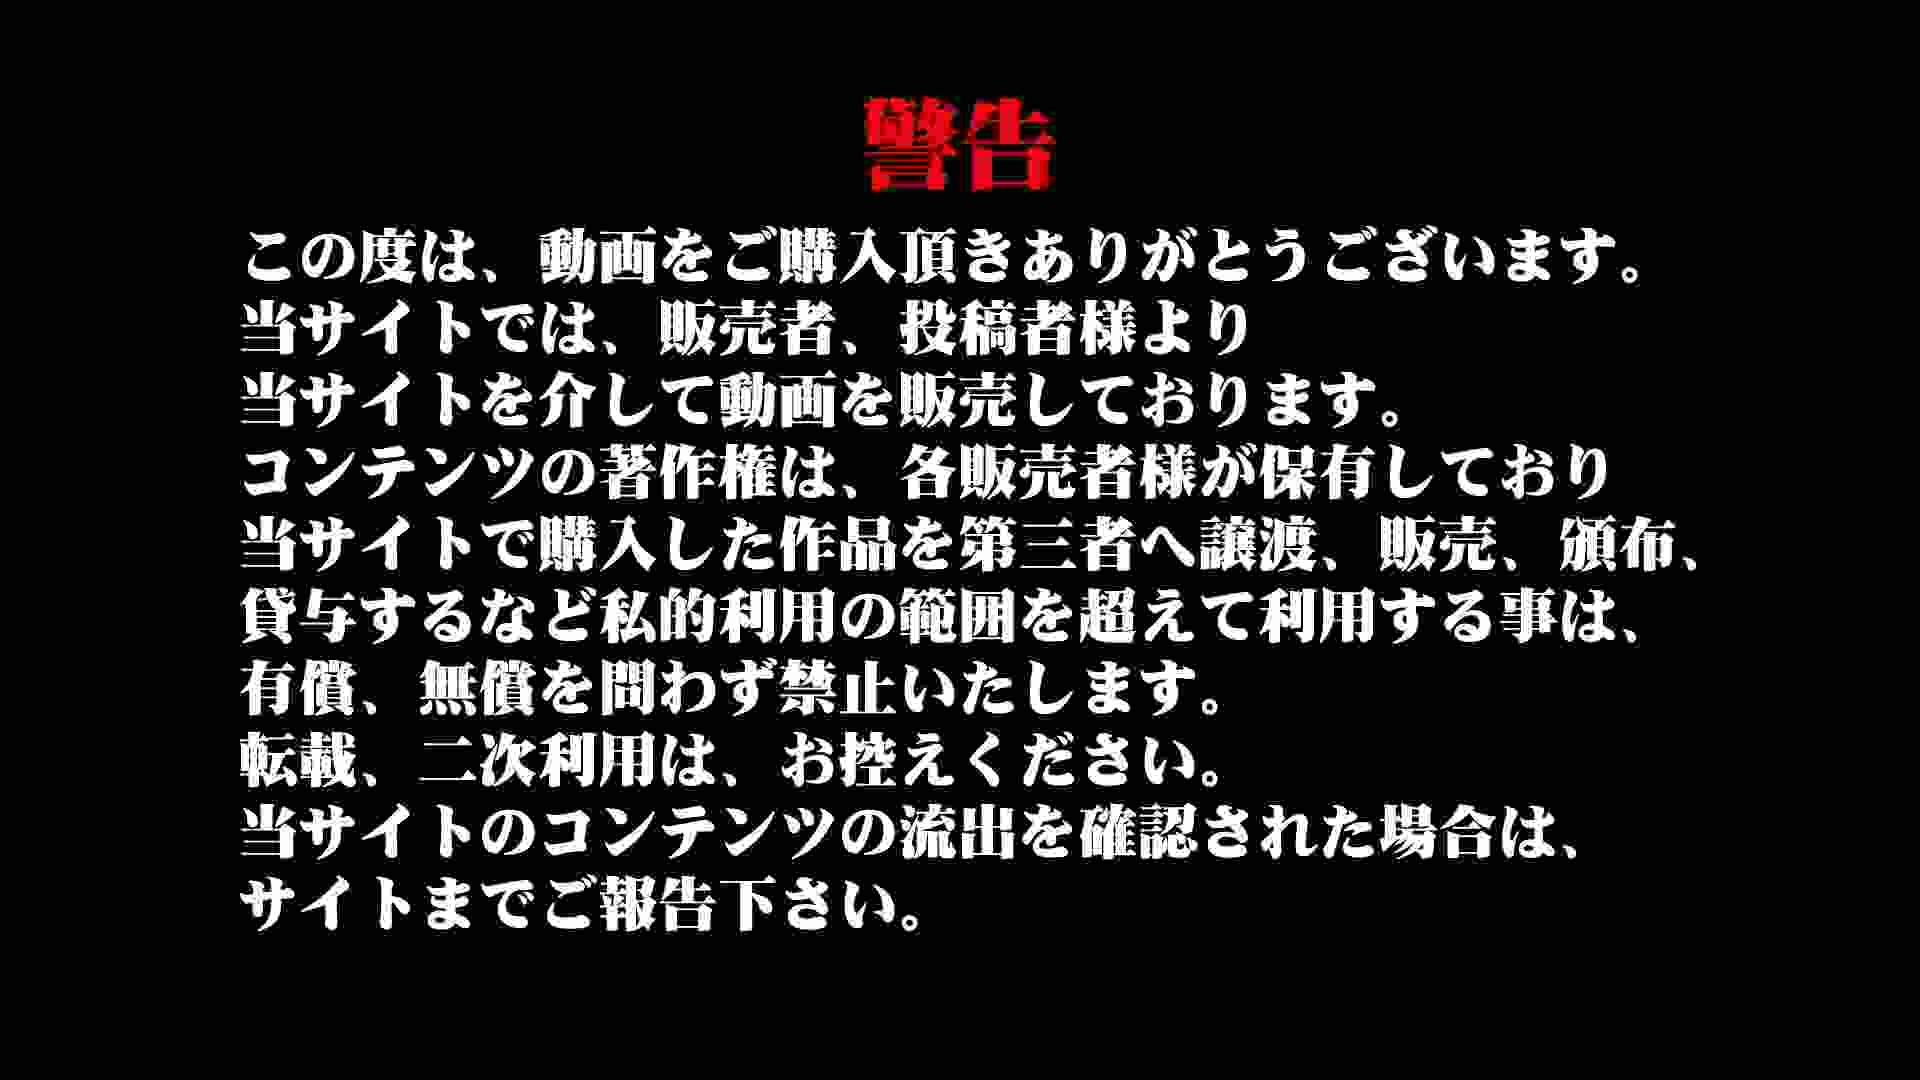 ヒトニアラヅNo.02 姿と全体の流れを公開 ギャル  60PIX 3